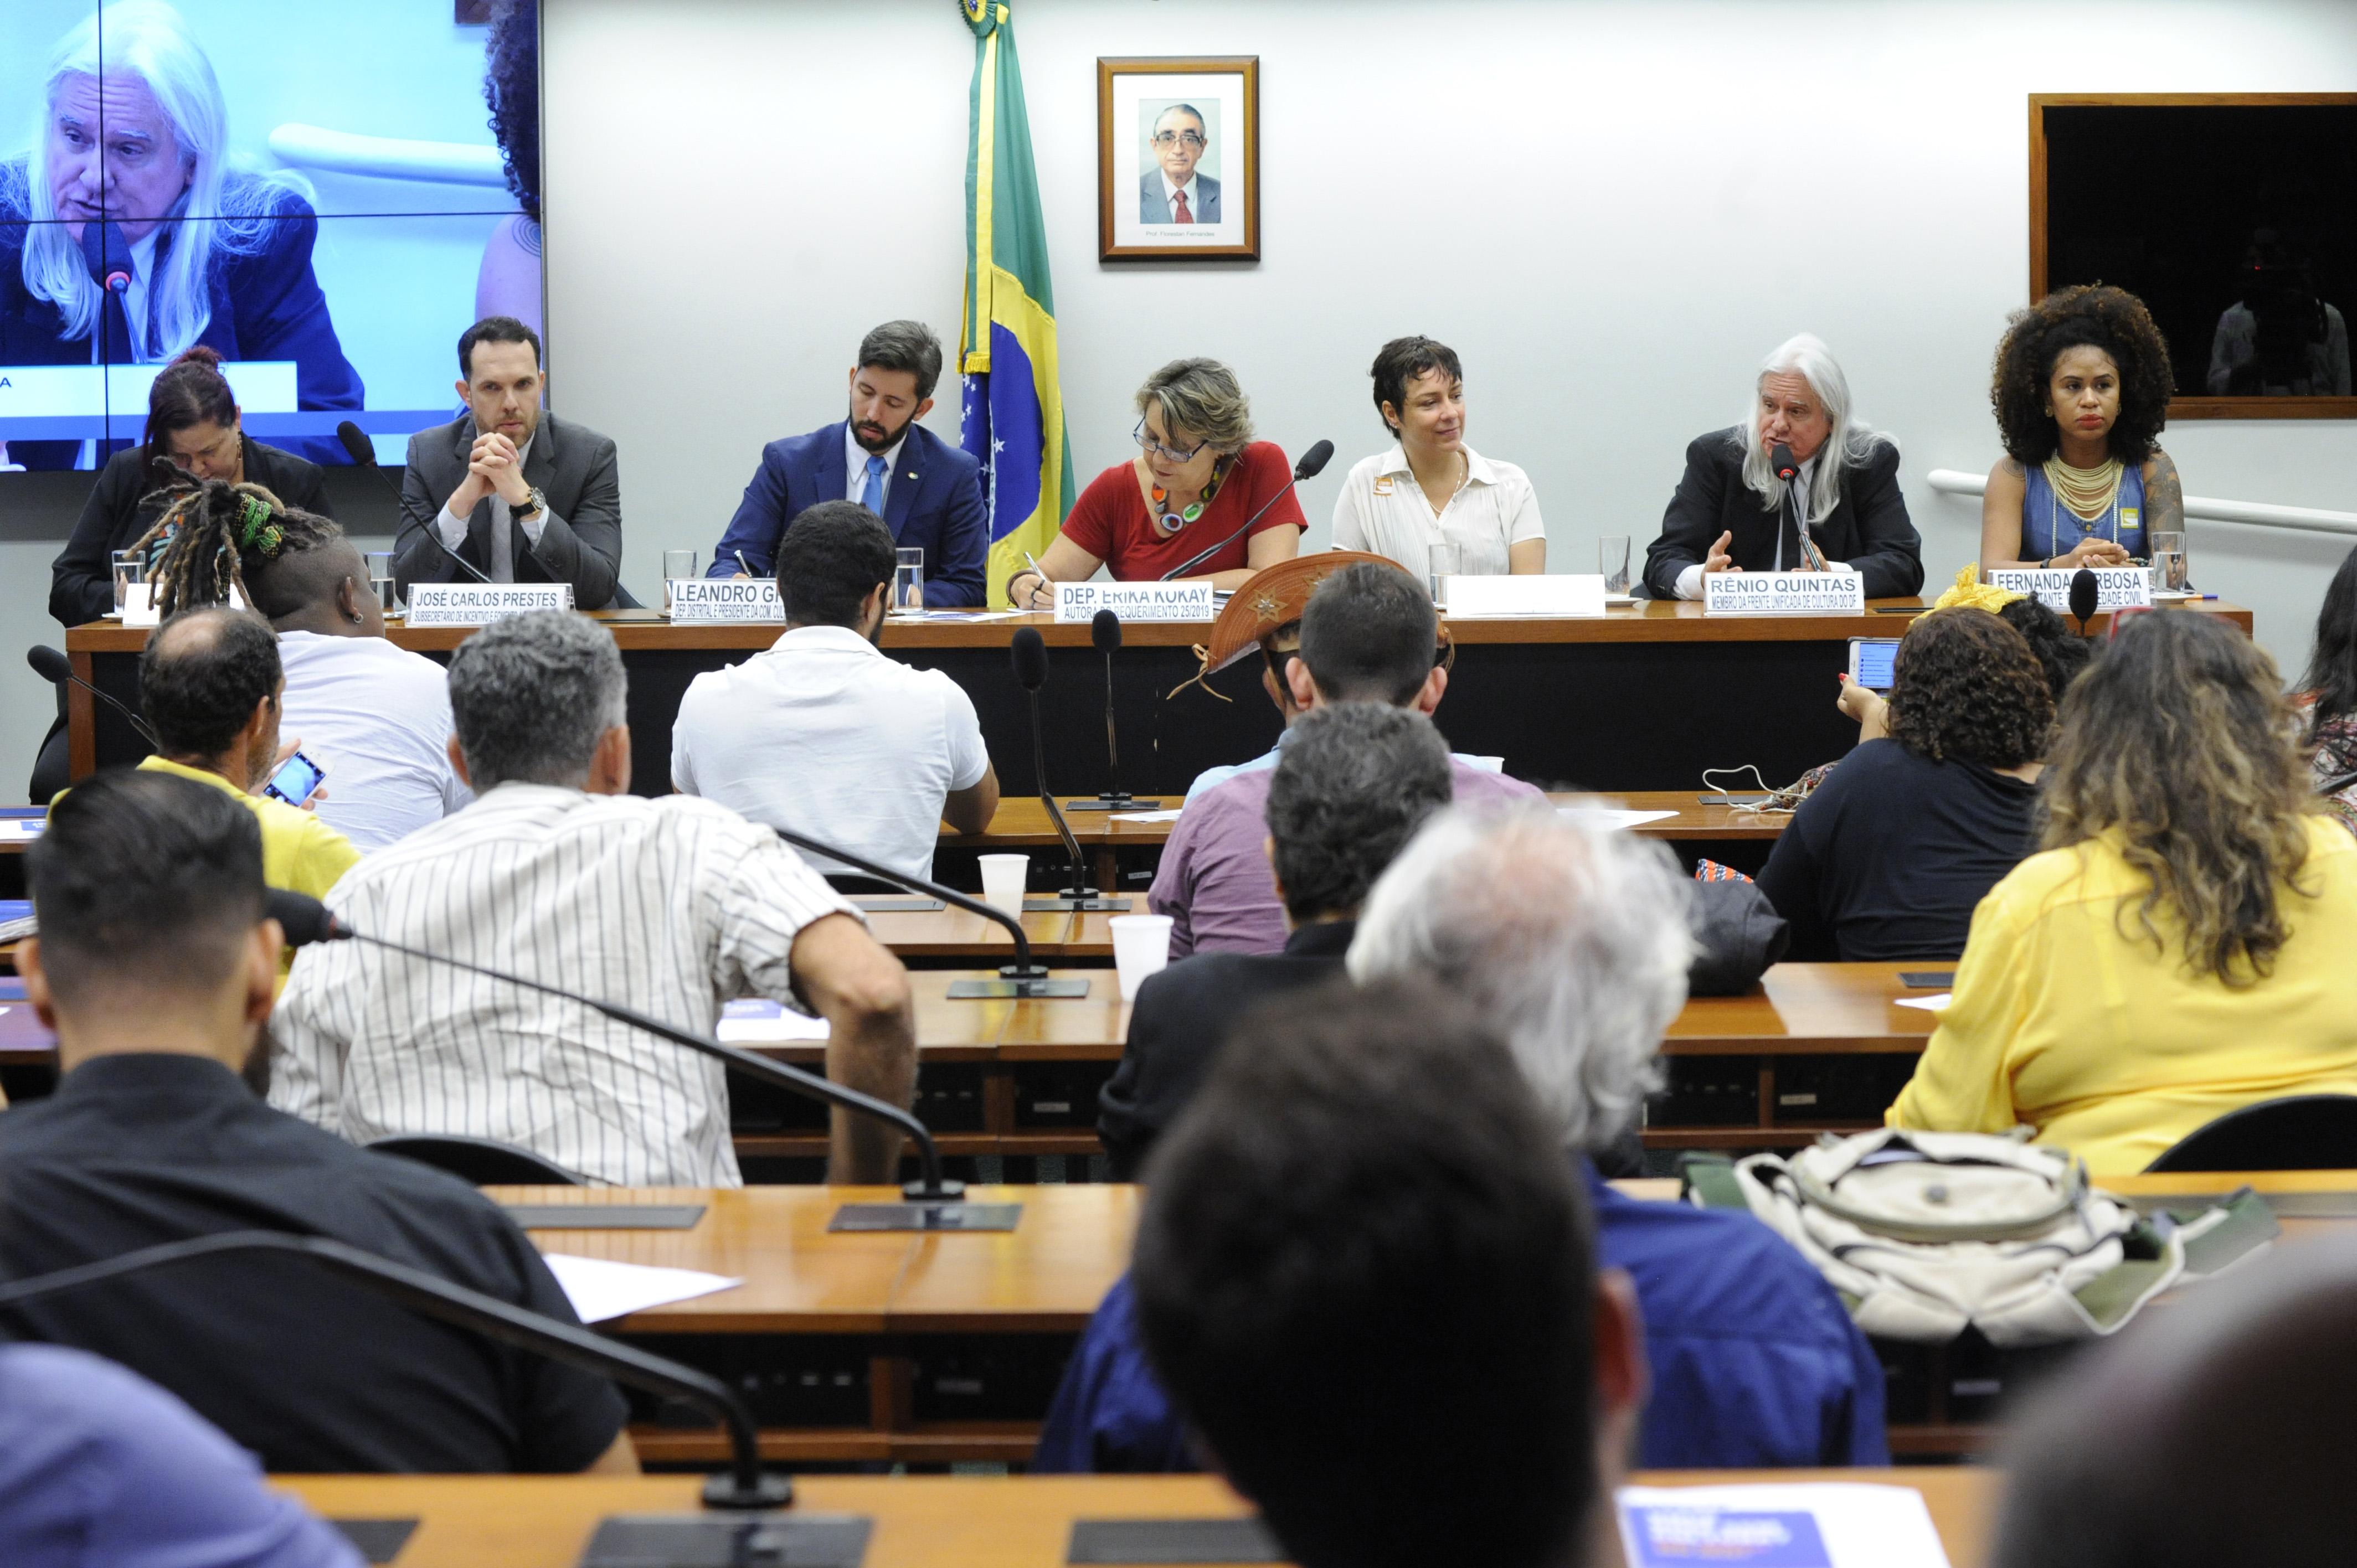 Audiência Pública sobre as ações para a defesa e fortalecimento do Fundo de Apoio à Cultura - (FAC) e da Lei Orgânica da Cultura (LOC) do Distrito Federal